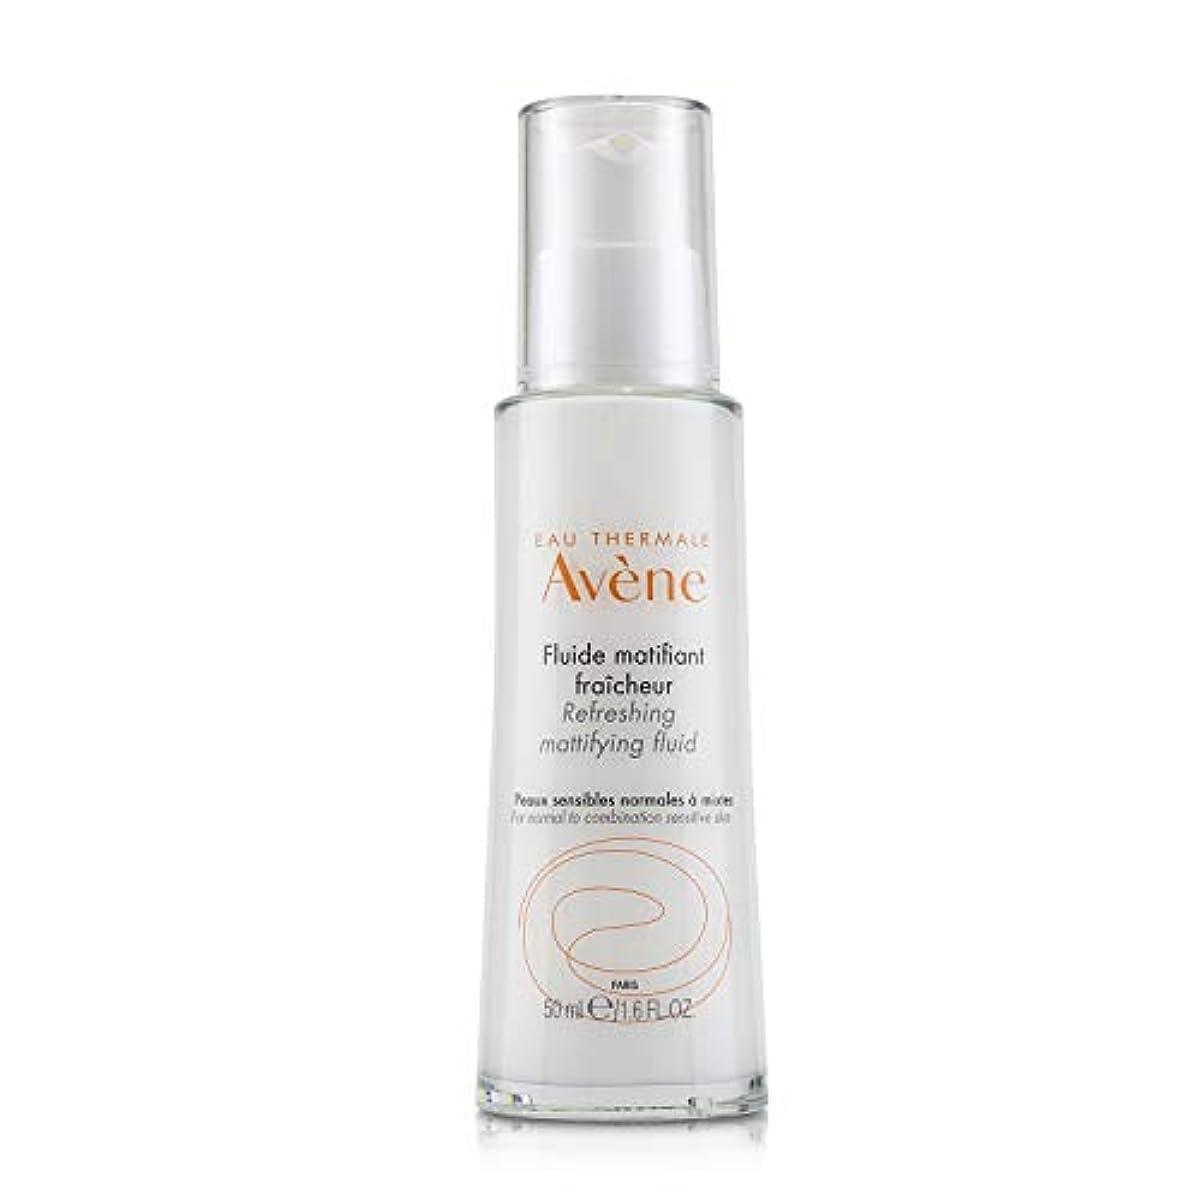 影のあるトリプル失礼なアベンヌ Refreshing Mattifying Fluid - For Normal to Combination Sensitive Skin 50ml/1.6oz並行輸入品